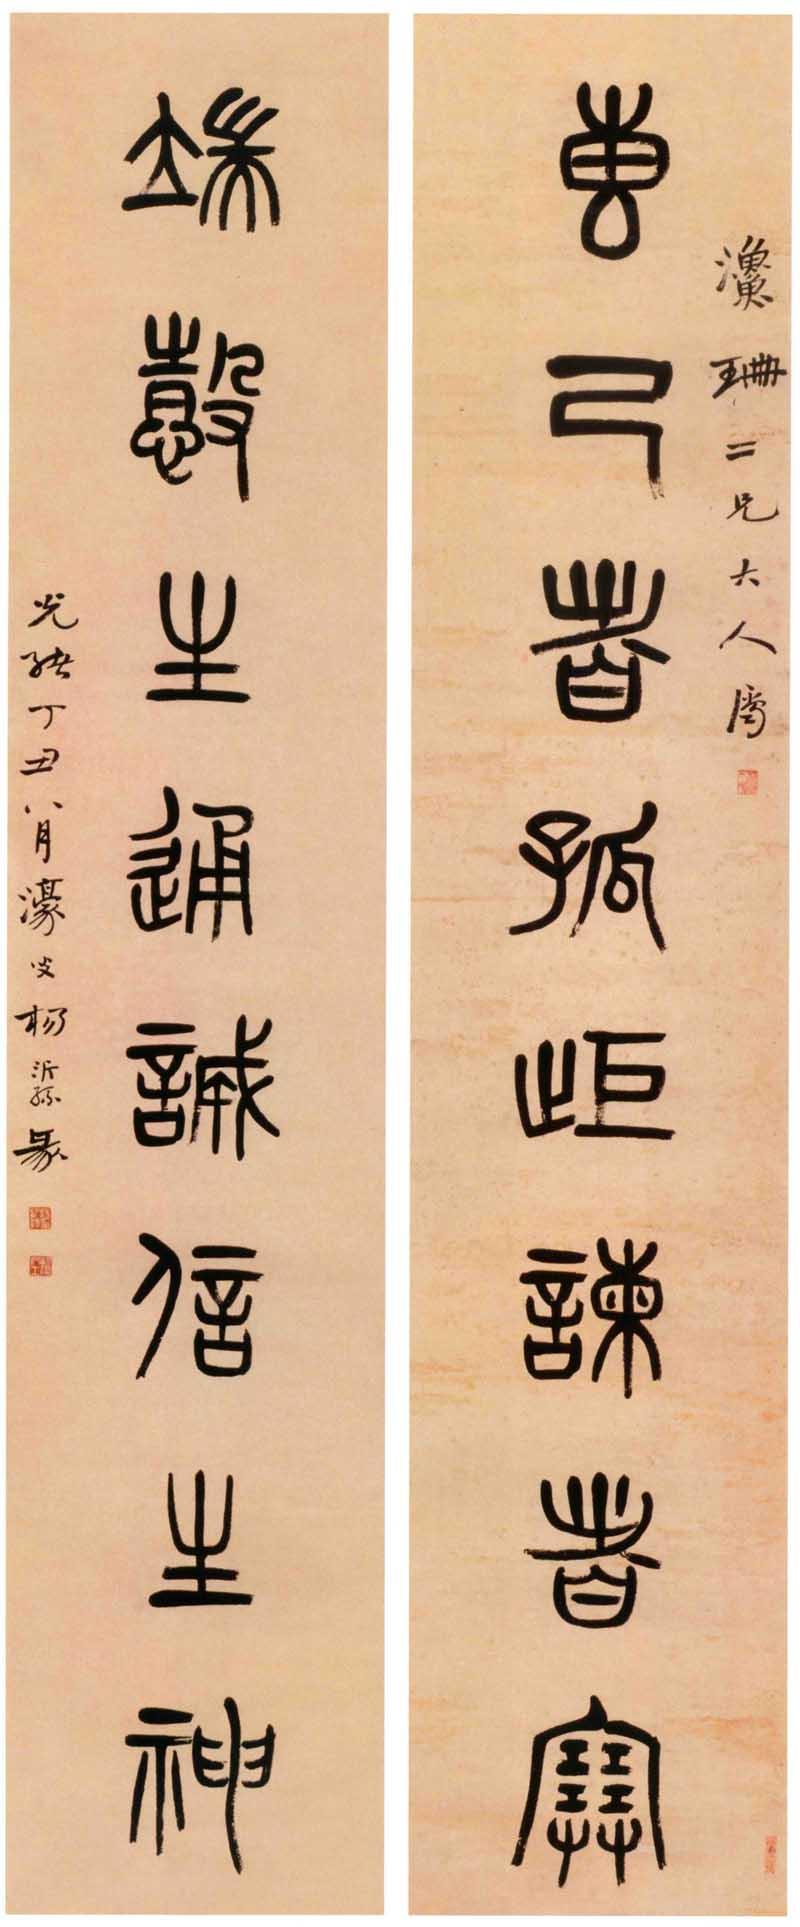 杨沂孙《篆书专己端慤八言联》 北京故宫博物院藏